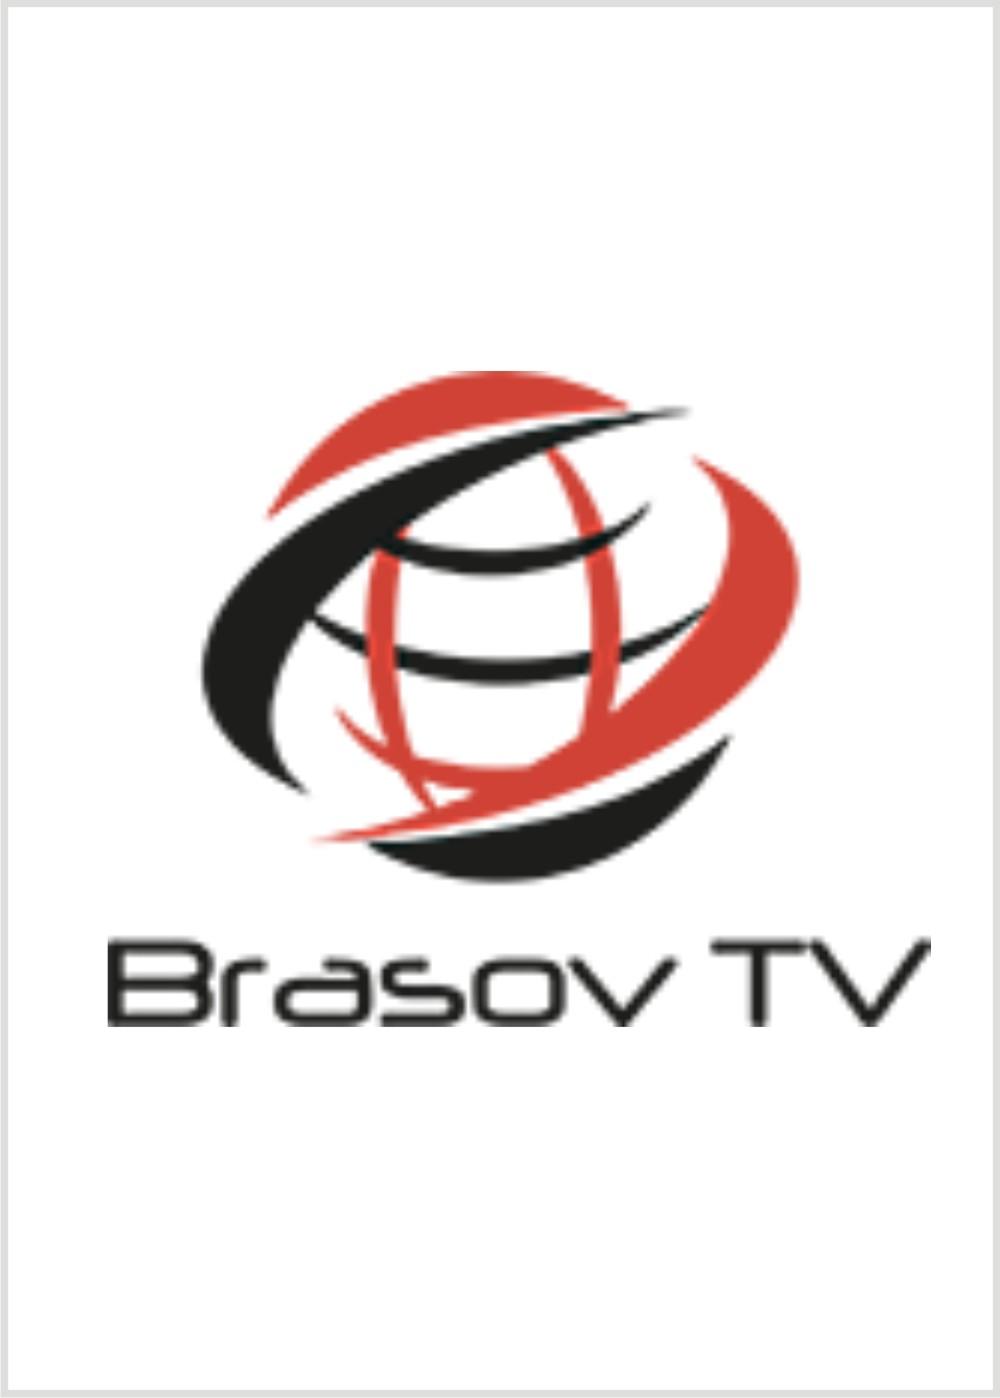 BrasovTV.com